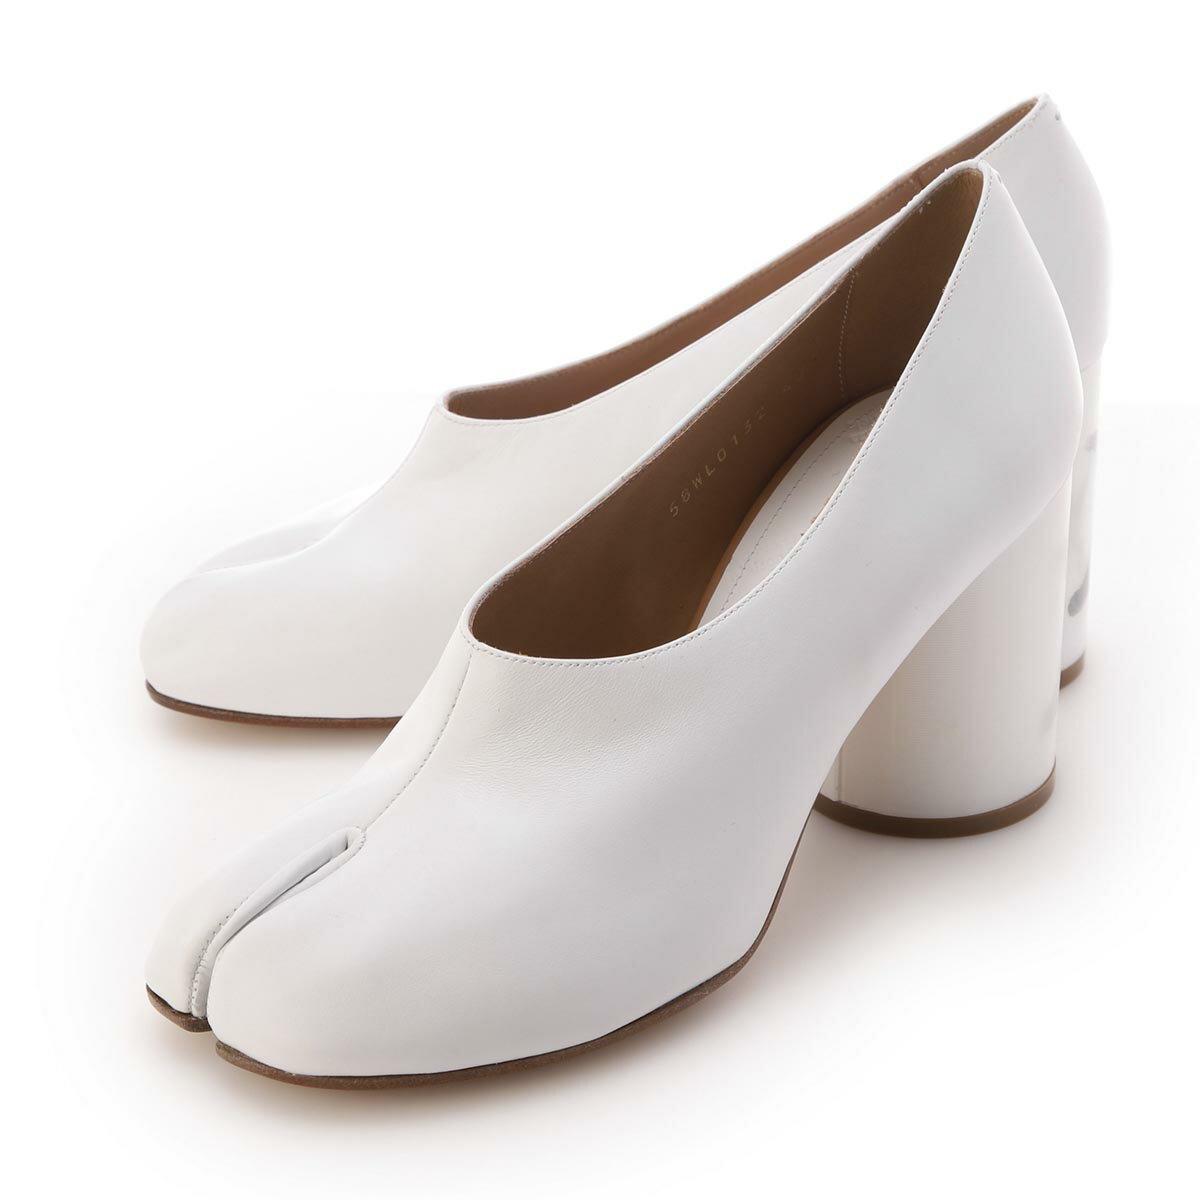 レディース靴, パンプス  Maison Margiela s58wl0132 p3054 h7367 TABI